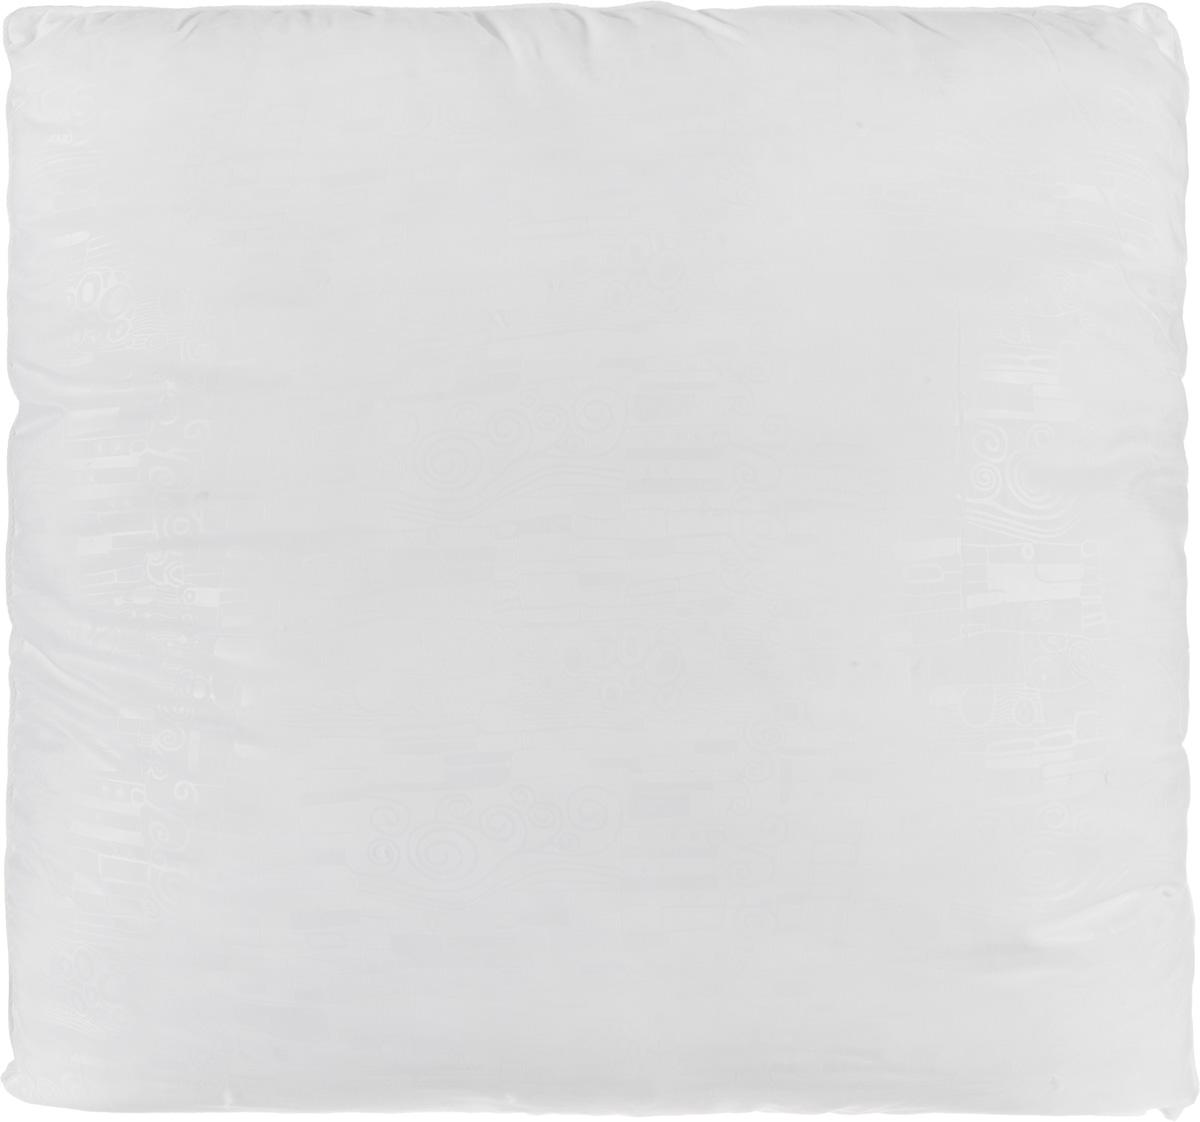 Подушка Smart Textile Безмятежность, наполнитель: лебяжий пух, цвет: белый, 70 х 70 смВZ15Удобная и мягкая подушка Smart Textile Безмятежность подарит здоровый сон и отличный отдых. Чехол подушки на молнии выполнен из микрофибры с красивым узором. В качестве наполнителя используется лебяжий пух.Лебяжий пух - это 100% сверхтонкое высокосиликонизированное волокно. Такой наполнитель мягкий, приятный на ощупь и гипоаллергенный. Подушка удобна в эксплуатации: легко стирается, быстро сохнет, сохраняя первоначальные свойства, устойчива к воздействию прямых солнечных лучей, износостойка и прочна. Изделие обладает высокой теплоизоляционной способностью - не вызывает перегрева головы.Подушка обеспечит правильную поддержку головы и шеи во время сна. Наполнитель не сбивается в комки и сохраняет тепло. Подушка с этим наполнителем подойдет людям, склонным к аллергии, так как отталкивает пыль и не впитывает запахи.